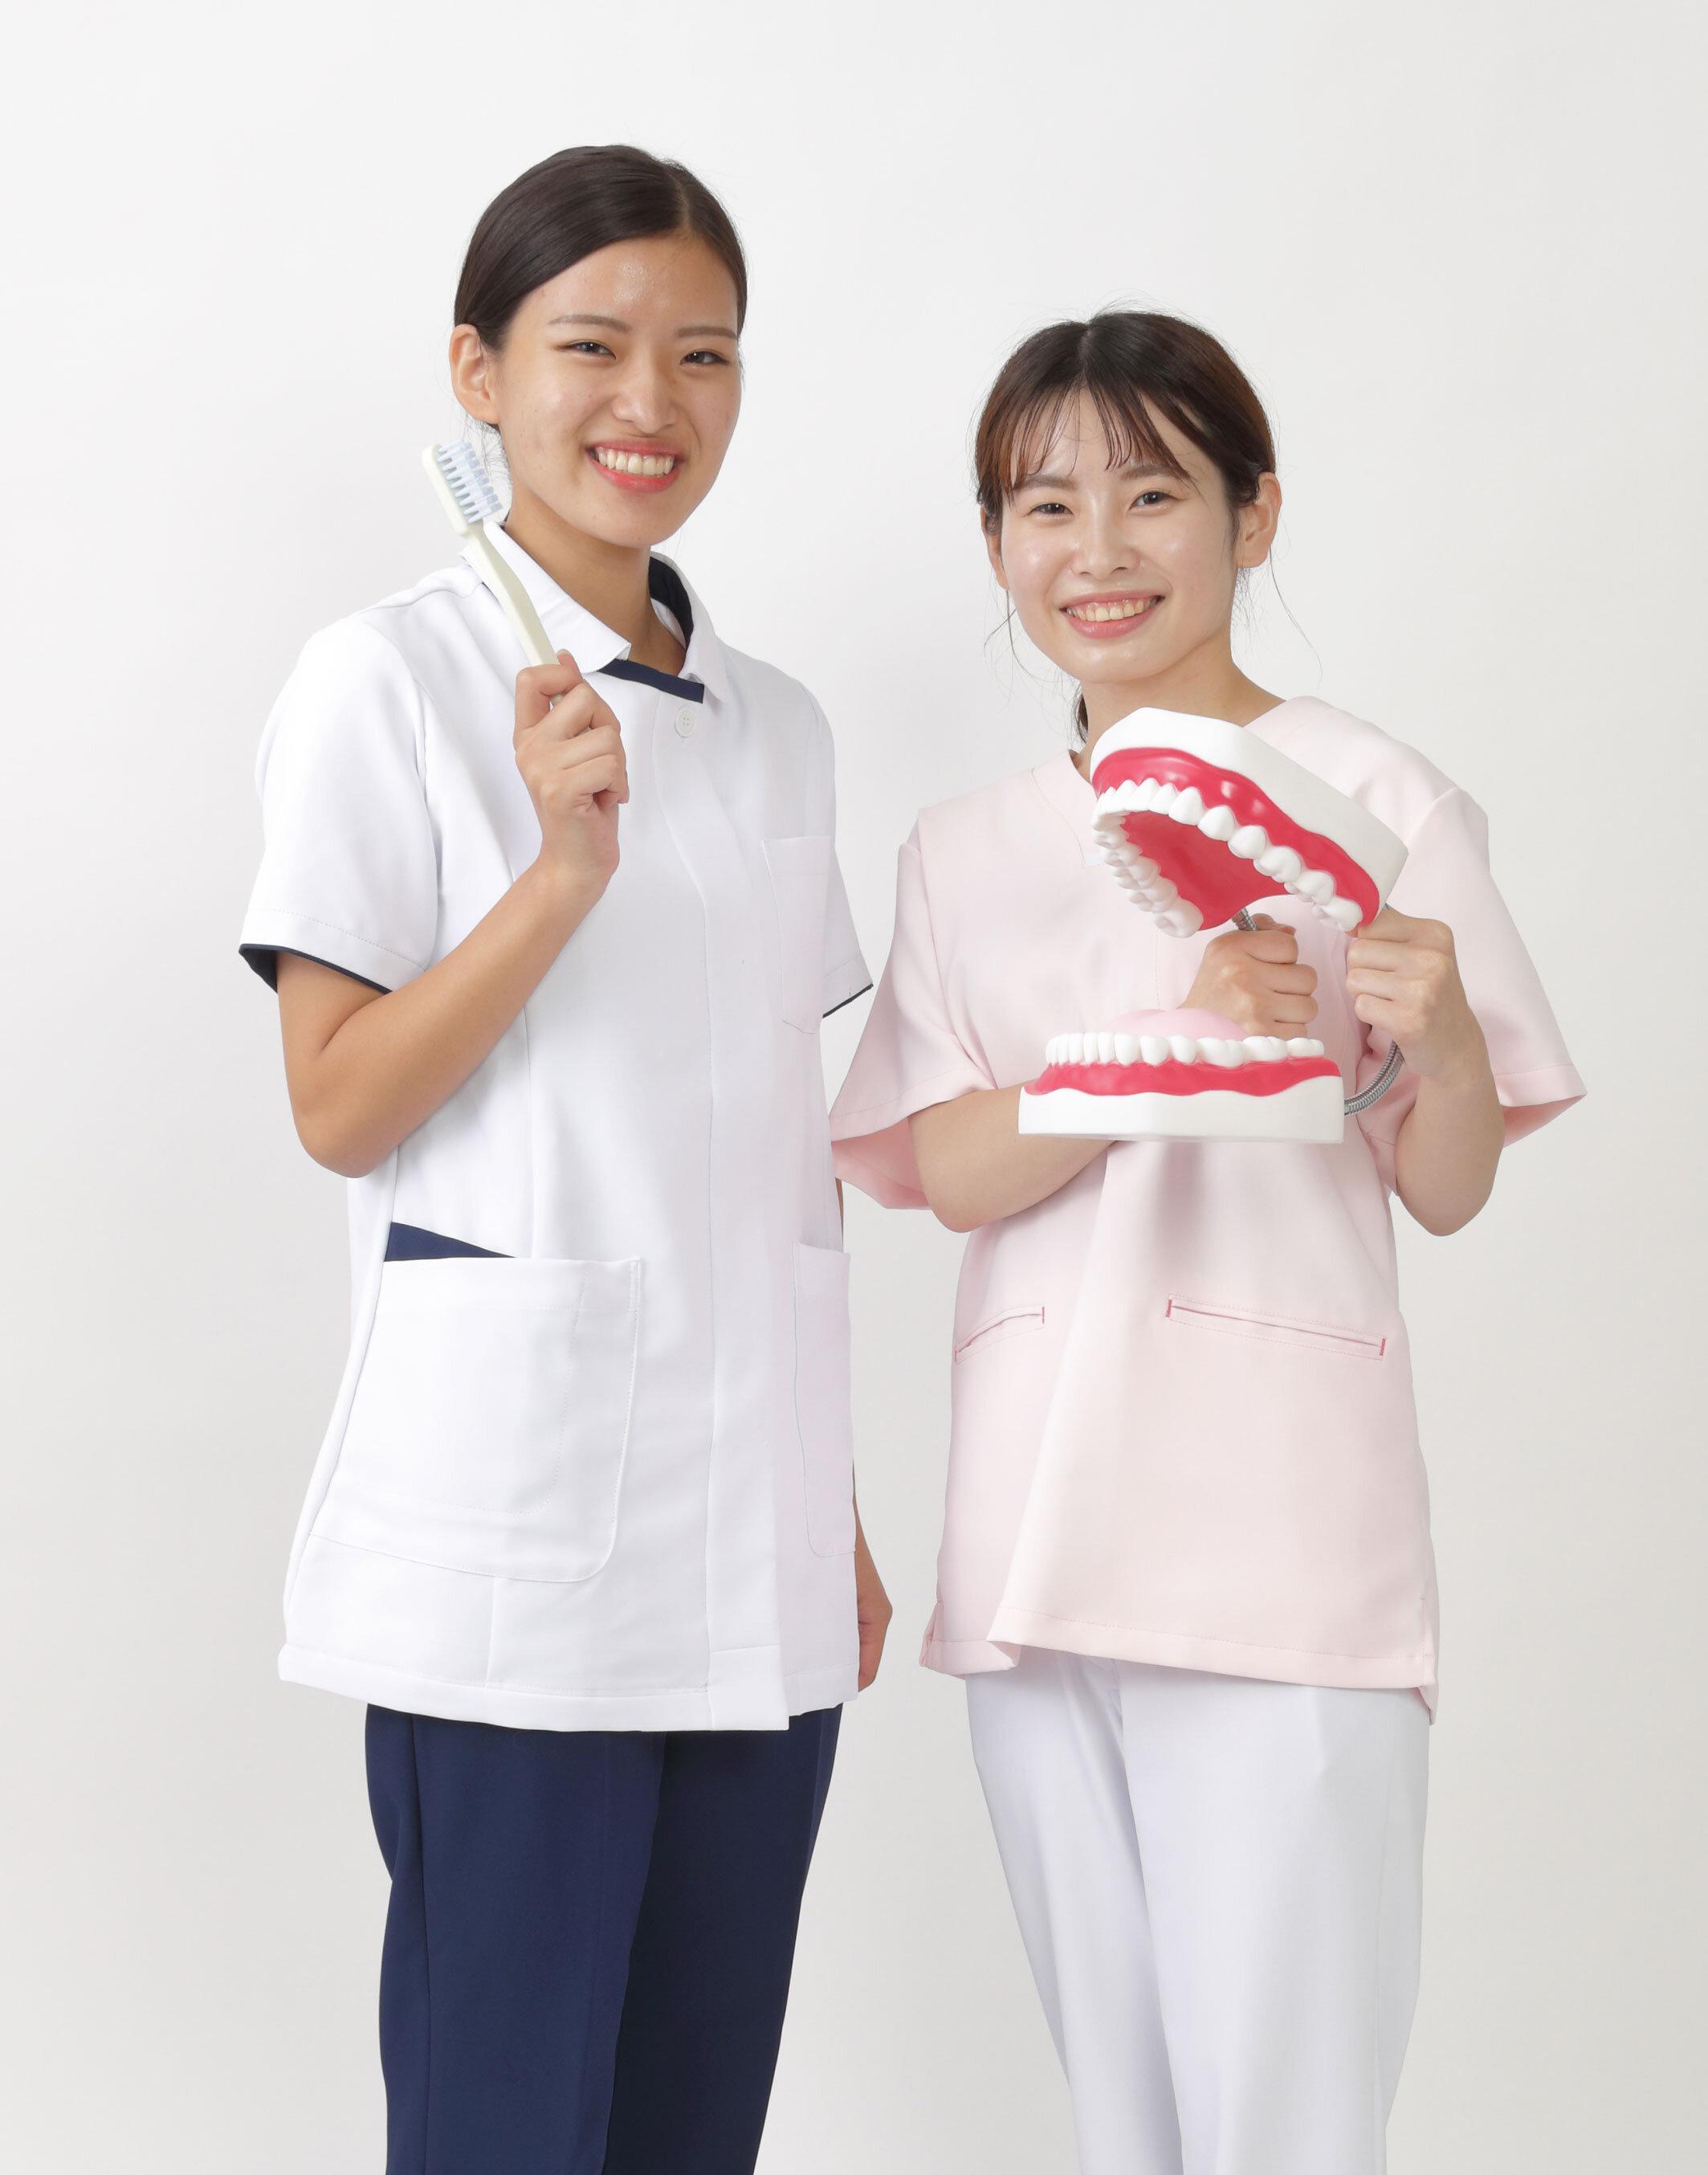 【高3生・社会人の方対象】11月6日(土)に歯科衛生学科オープンキャンパスを開催します。